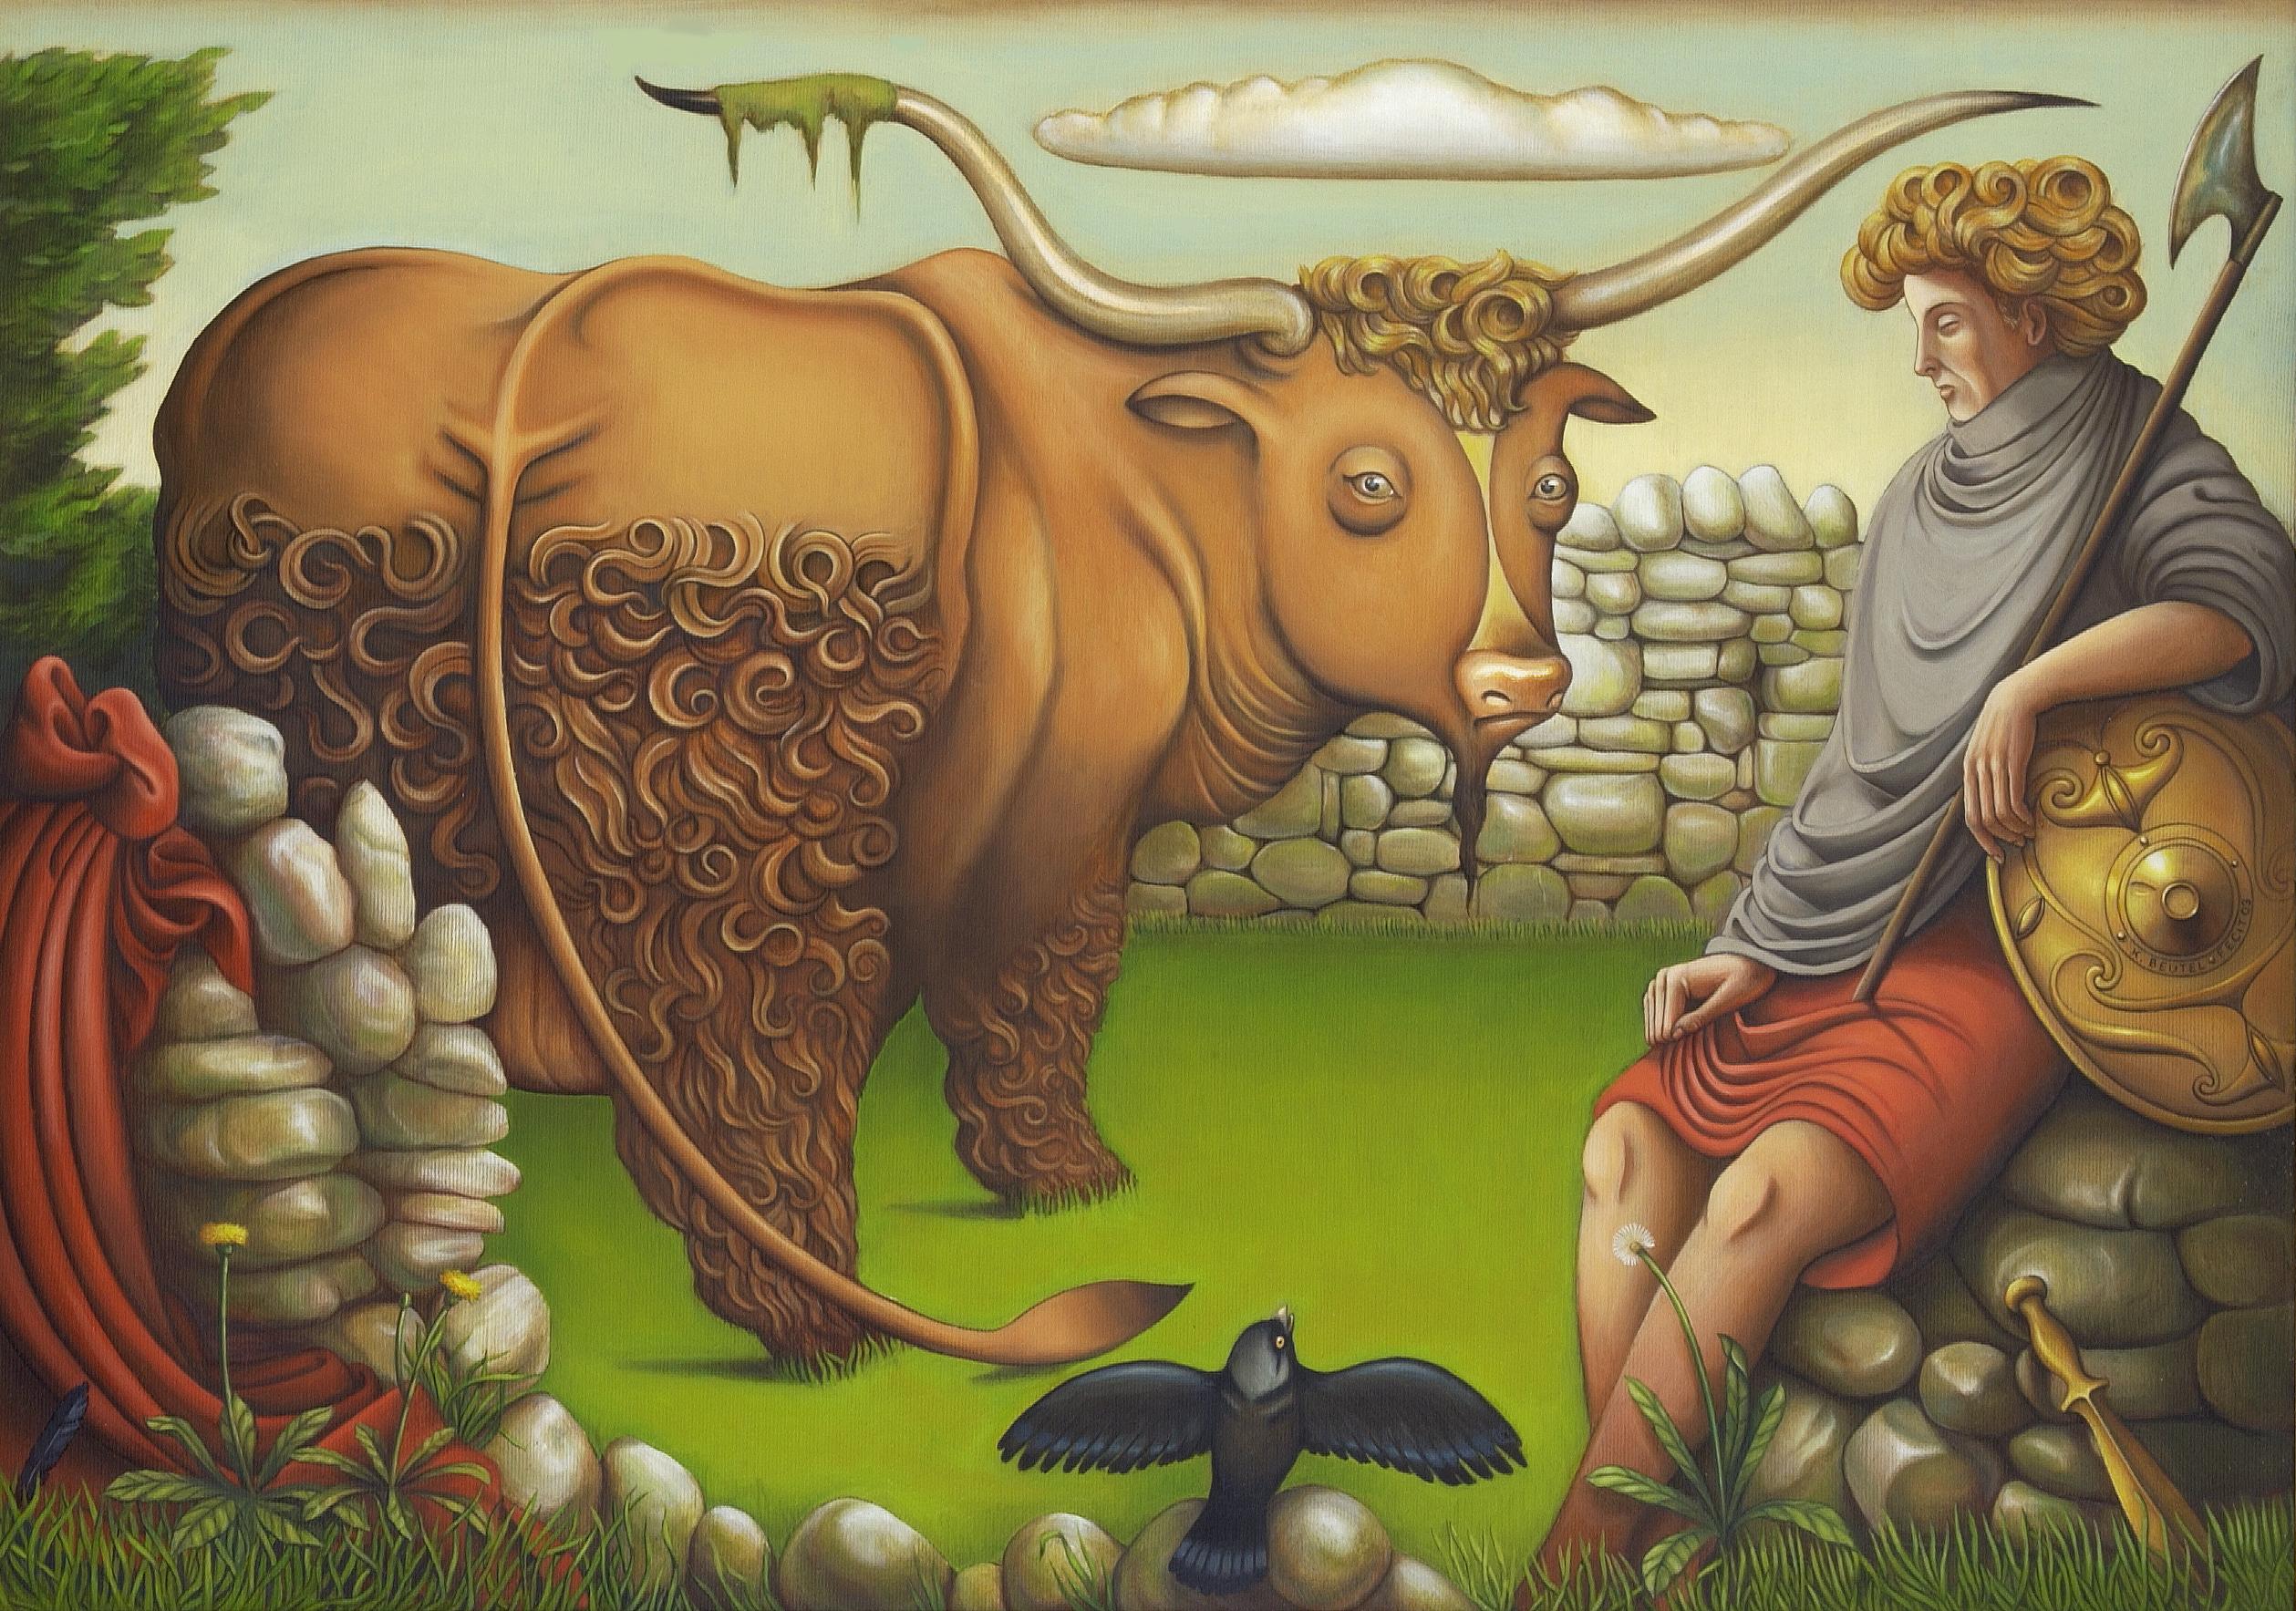 Conferenza: Viaggio virtuale in Irlanda alla ricerca di eroi antichi e moderni